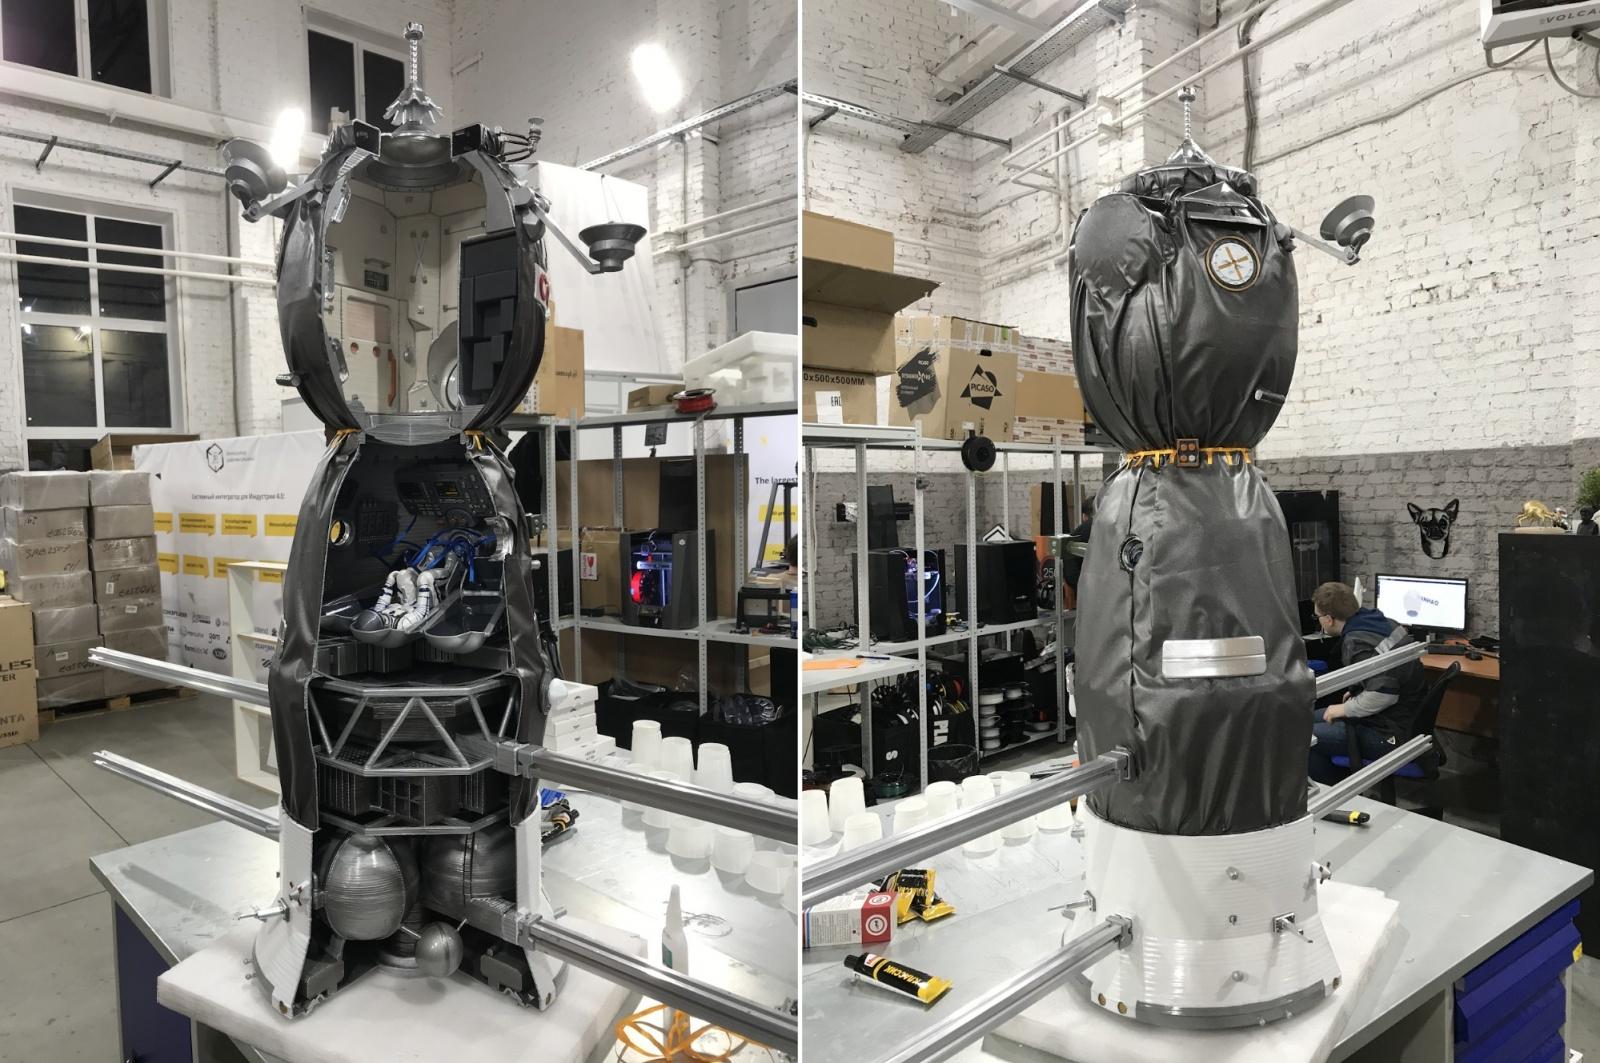 Как мы делали макеты космической техники для Московского авиационного института - 27